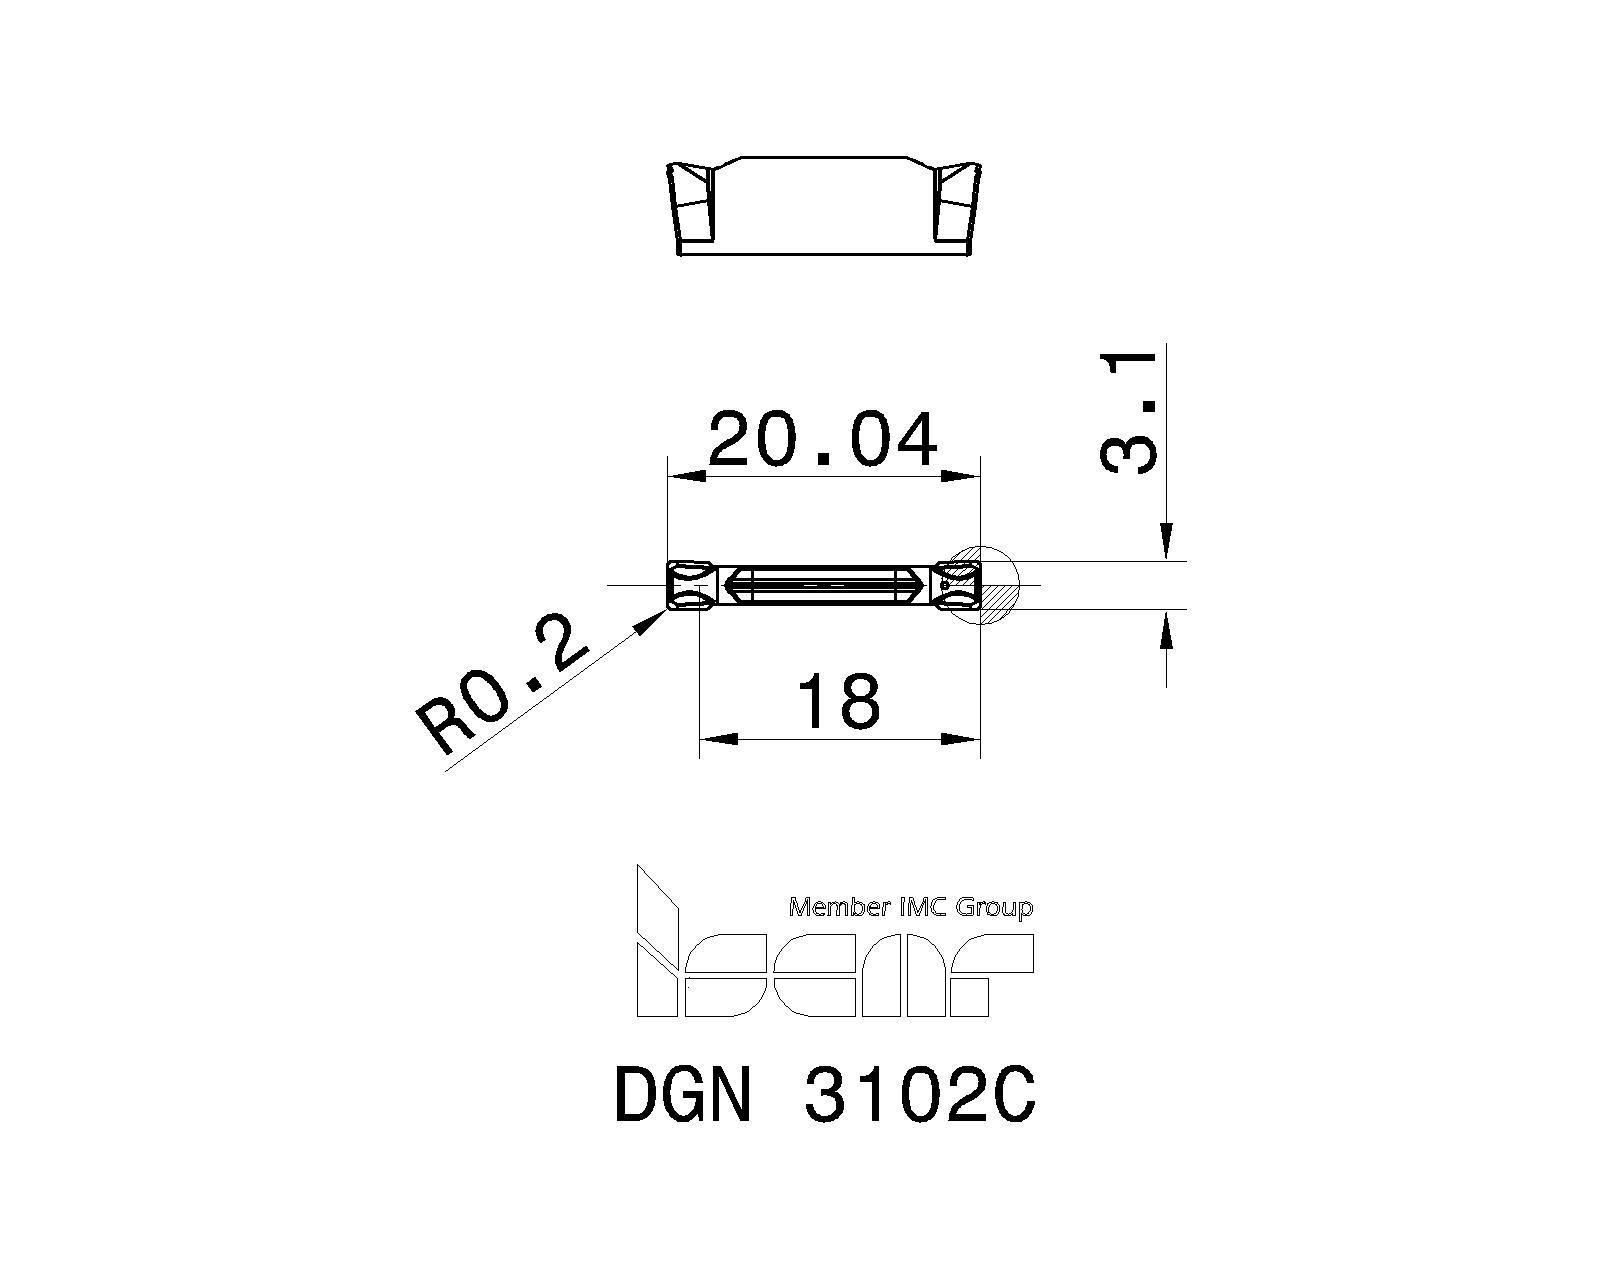 DGN 3102C IC908